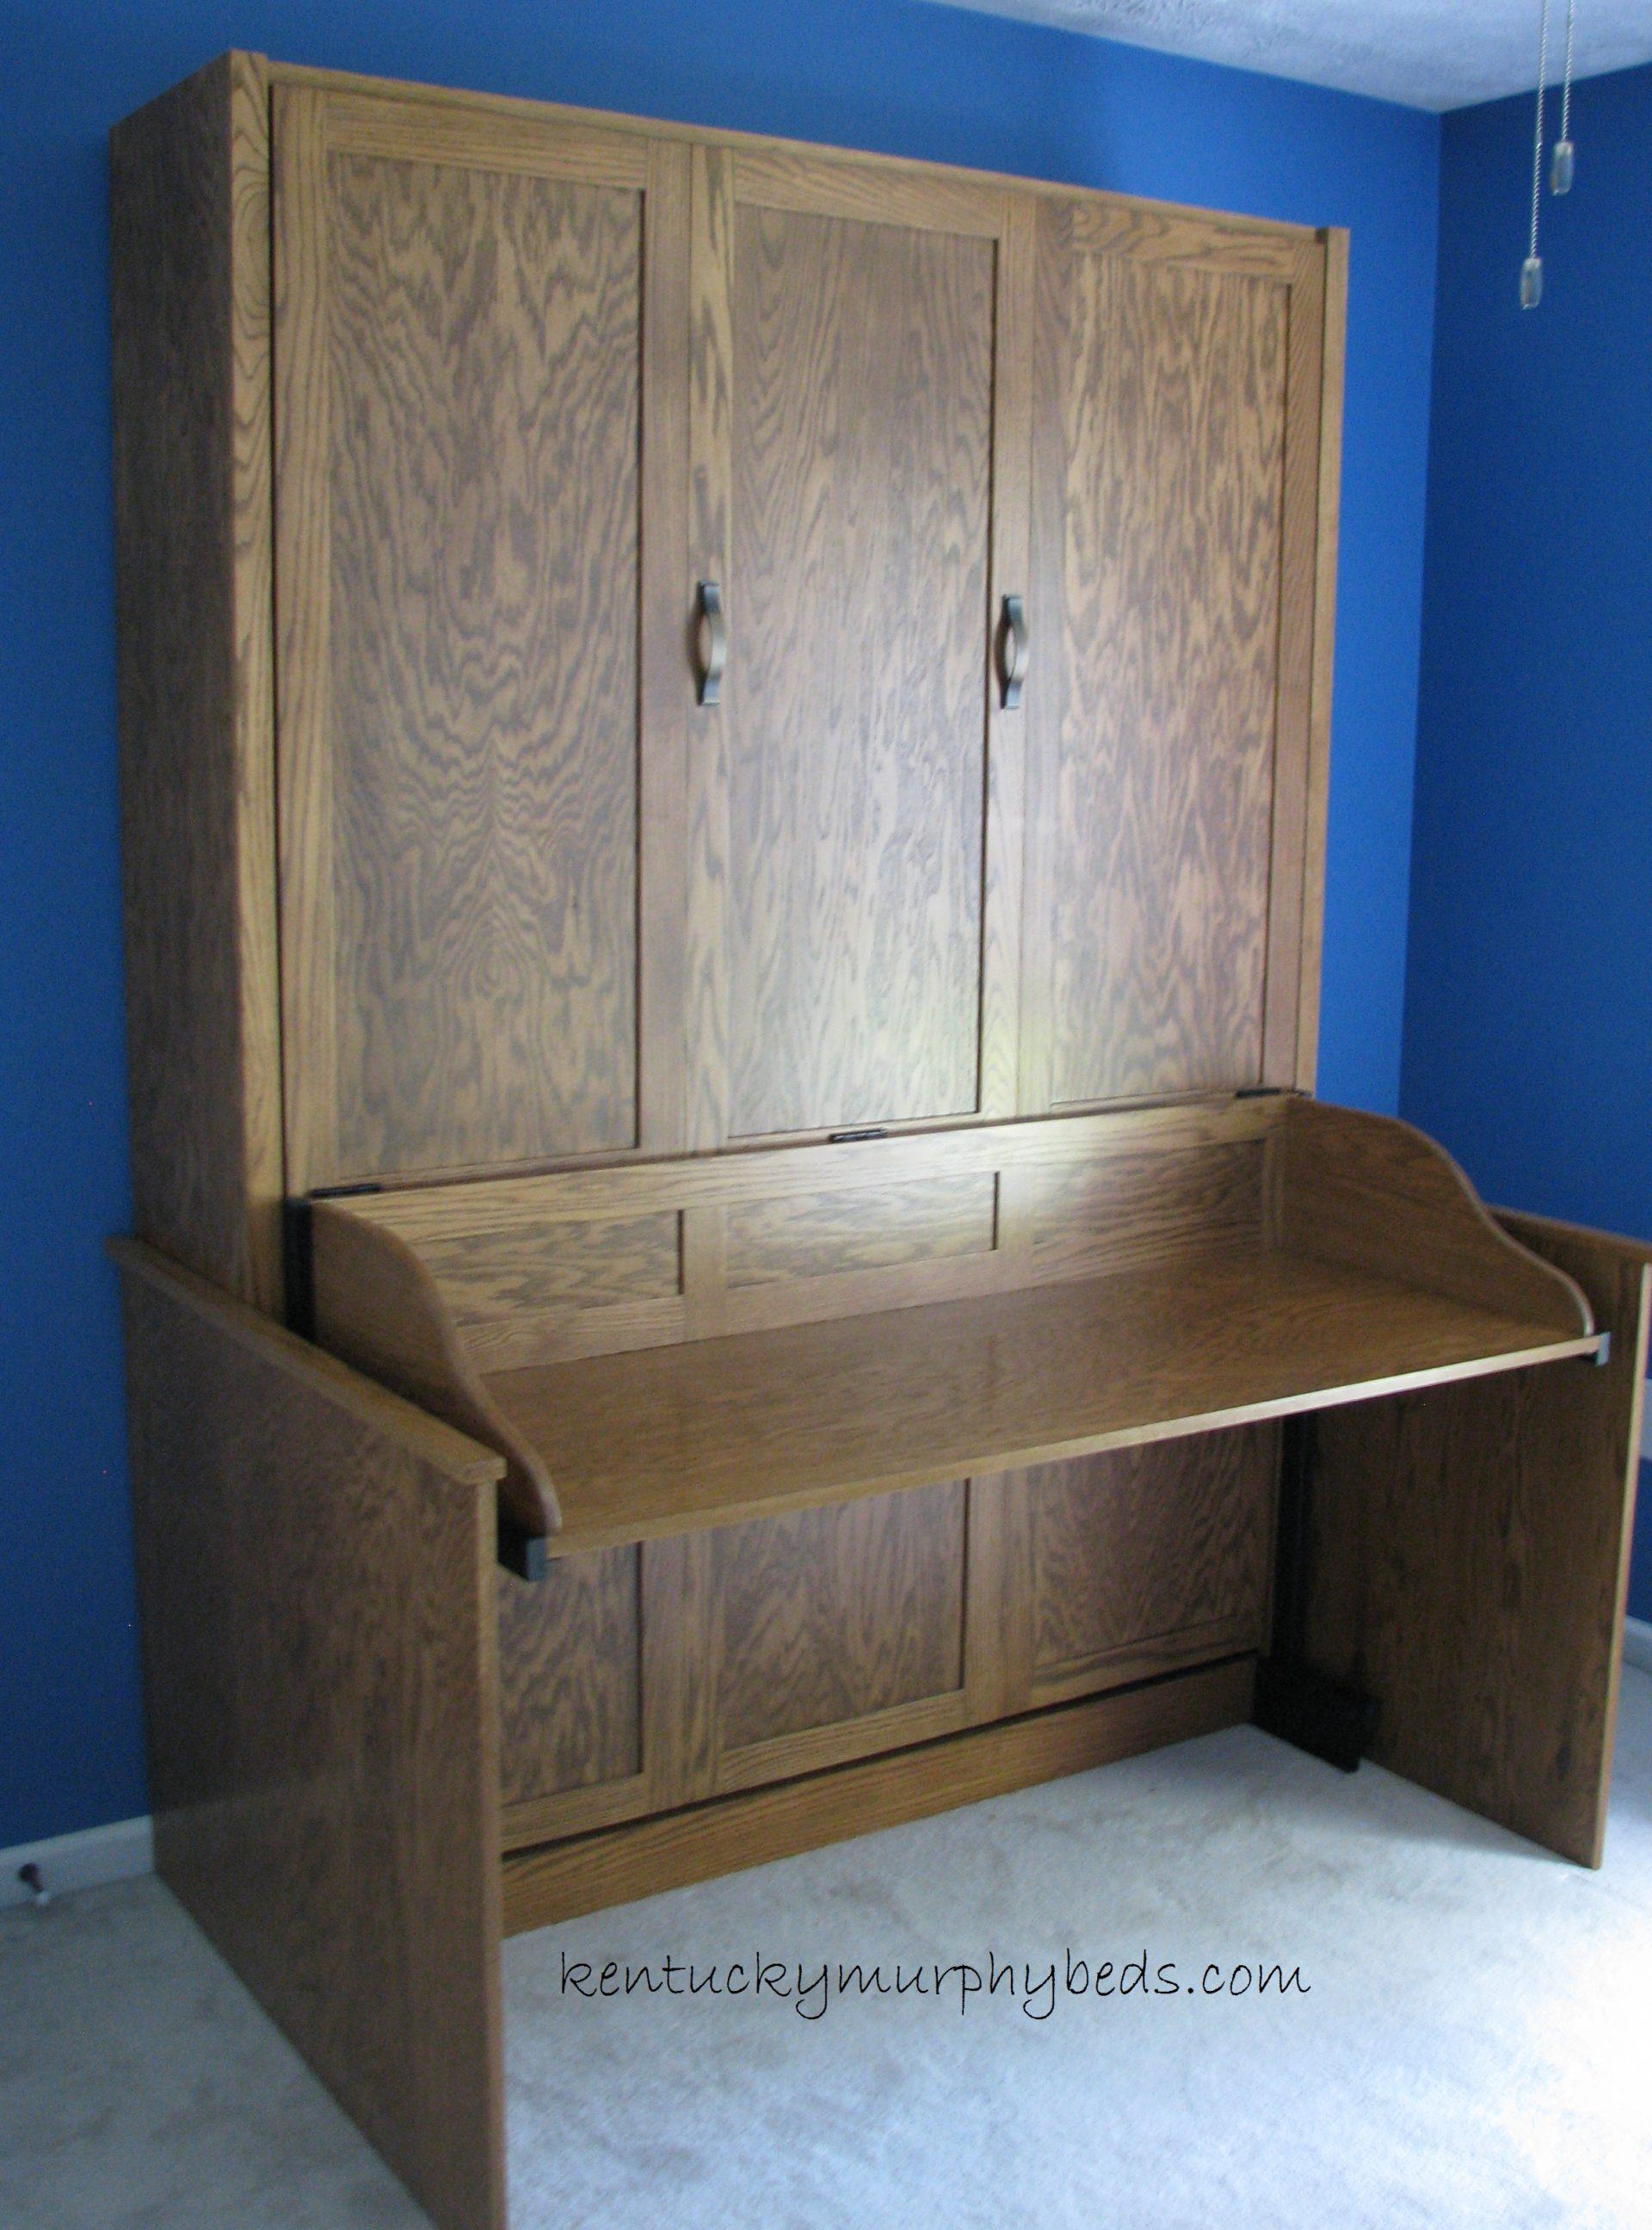 ak desk panel door Murphy bed, full size